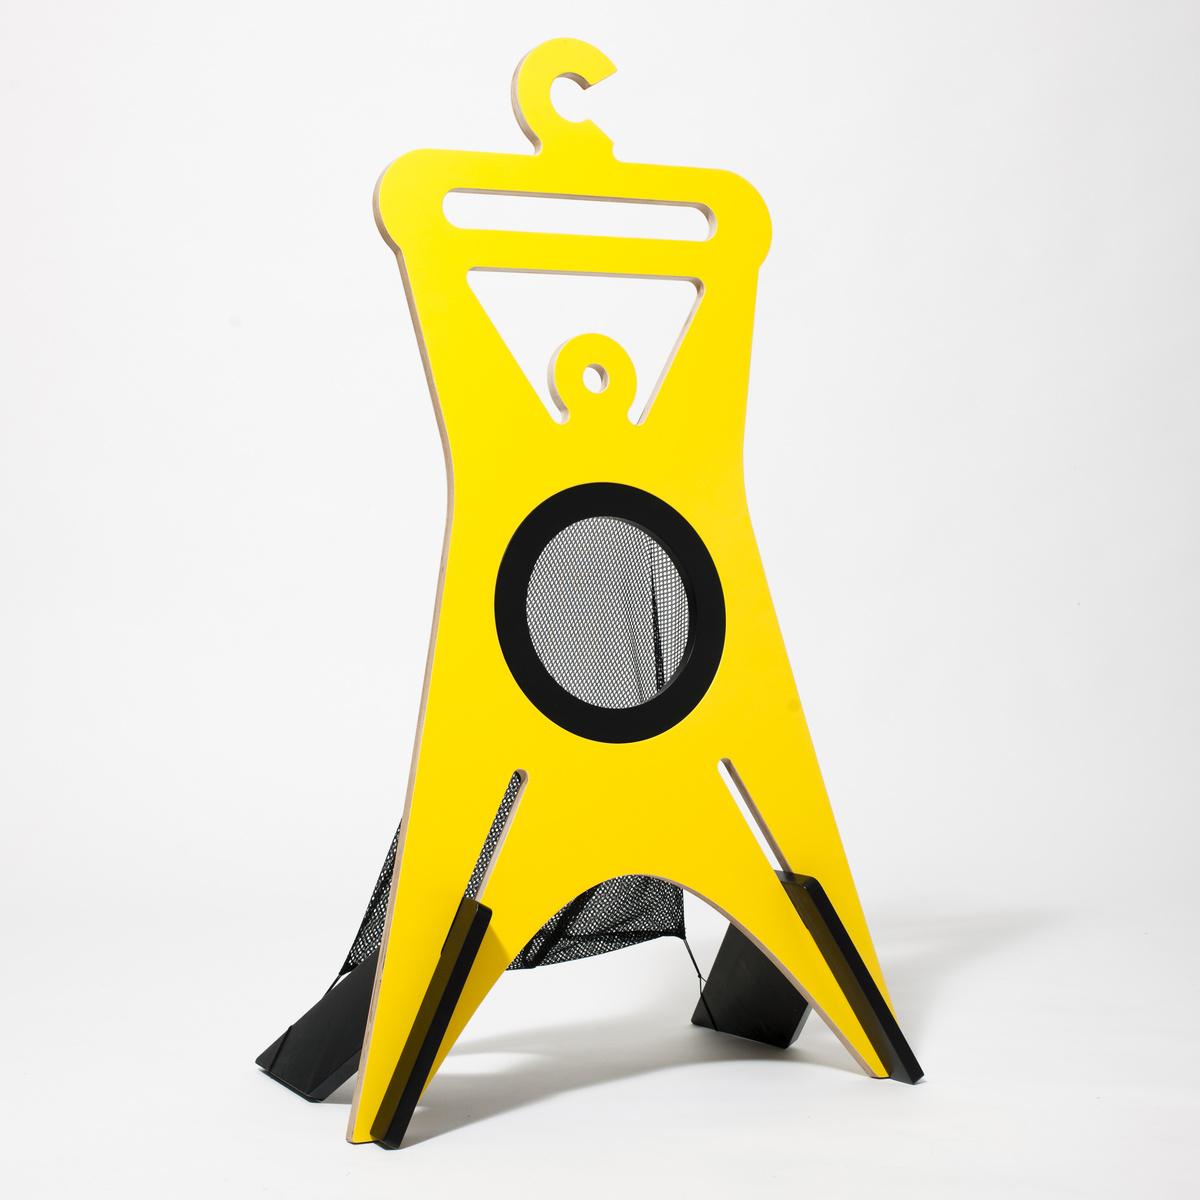 Cvakhaus němý sluha TONDA 949 x 556 x 355 mm žlutý